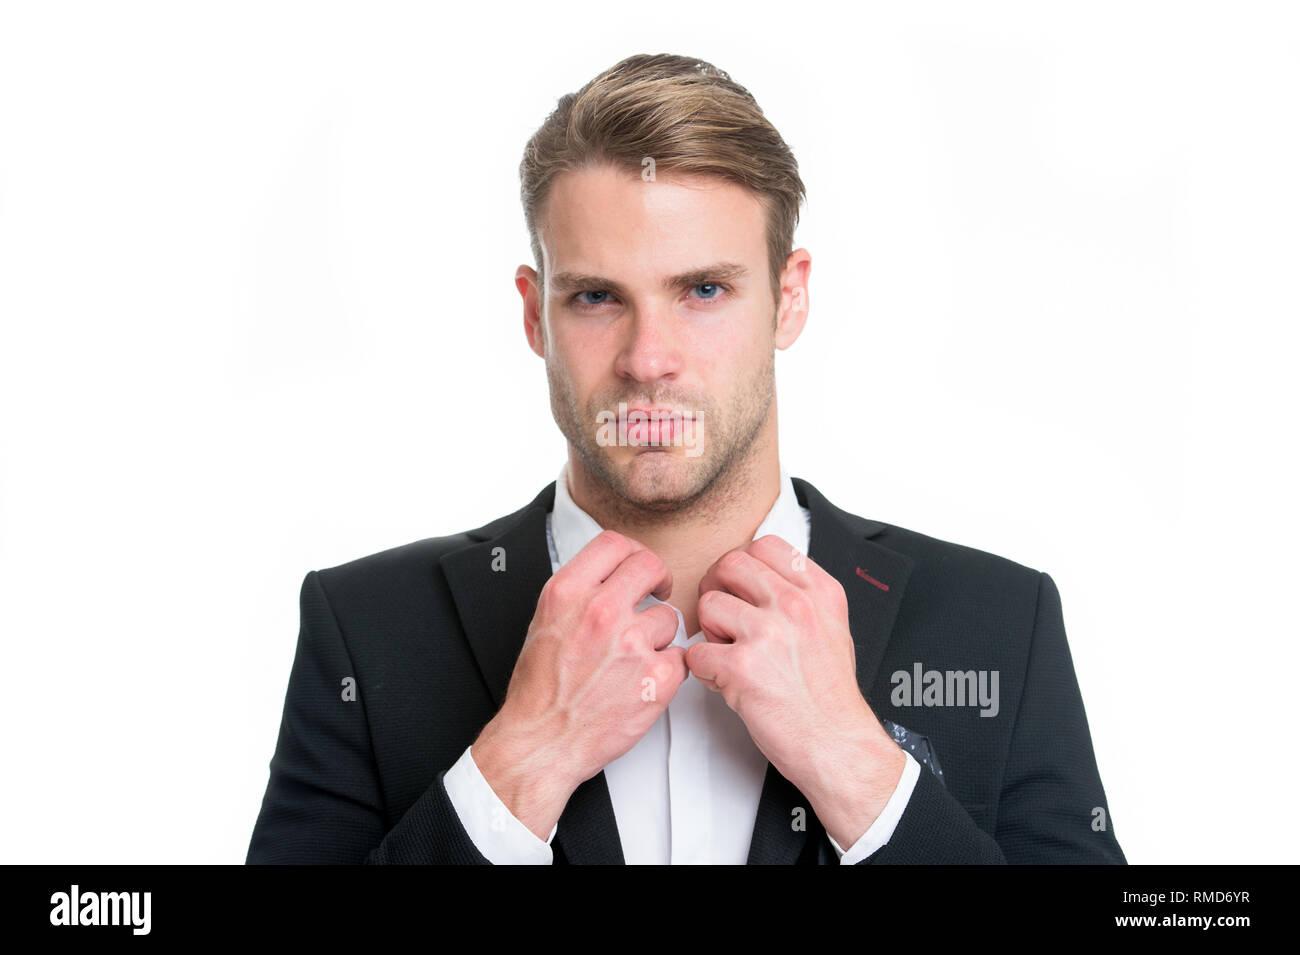 Collare bianco lavoratore. L'uomo ben curato abbottonatura collare bianco elegante abito formale isolato sullo sfondo bianco. Elegante macho pronto il lavoro in ufficio. Ragazzo serio elegante vestito bello attraente. Immagini Stock